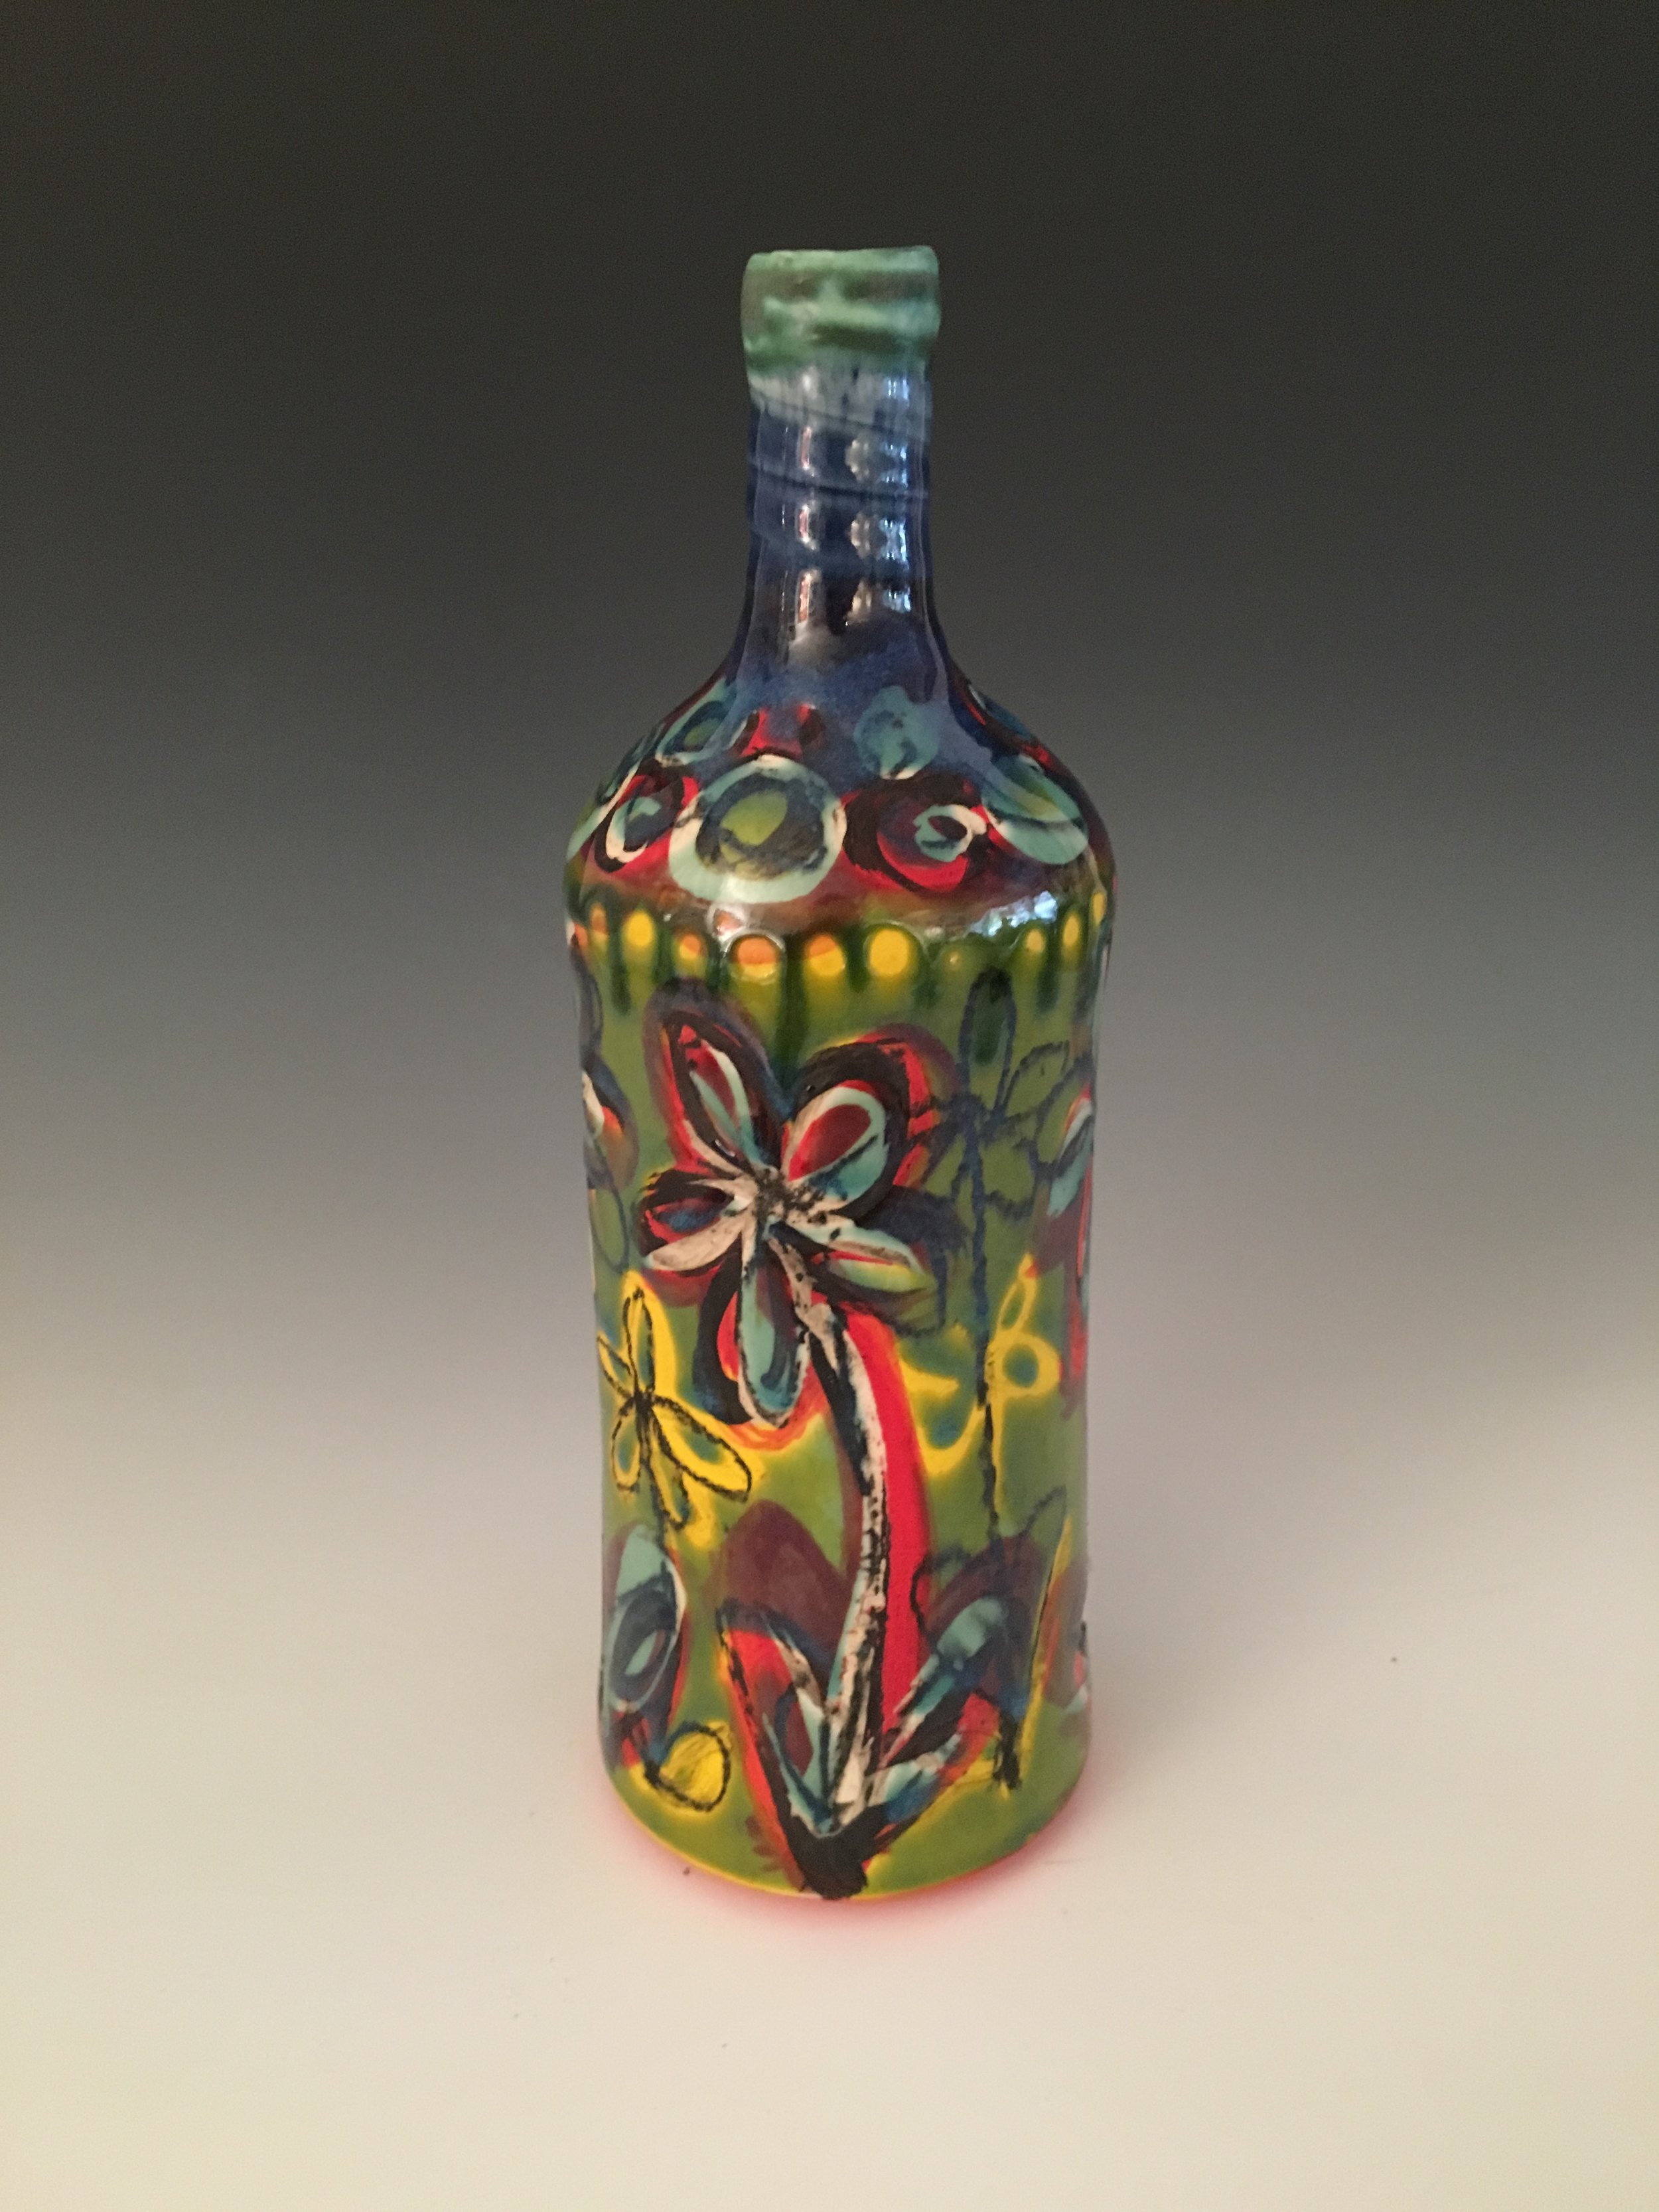 With a Nod to Art Nouveau